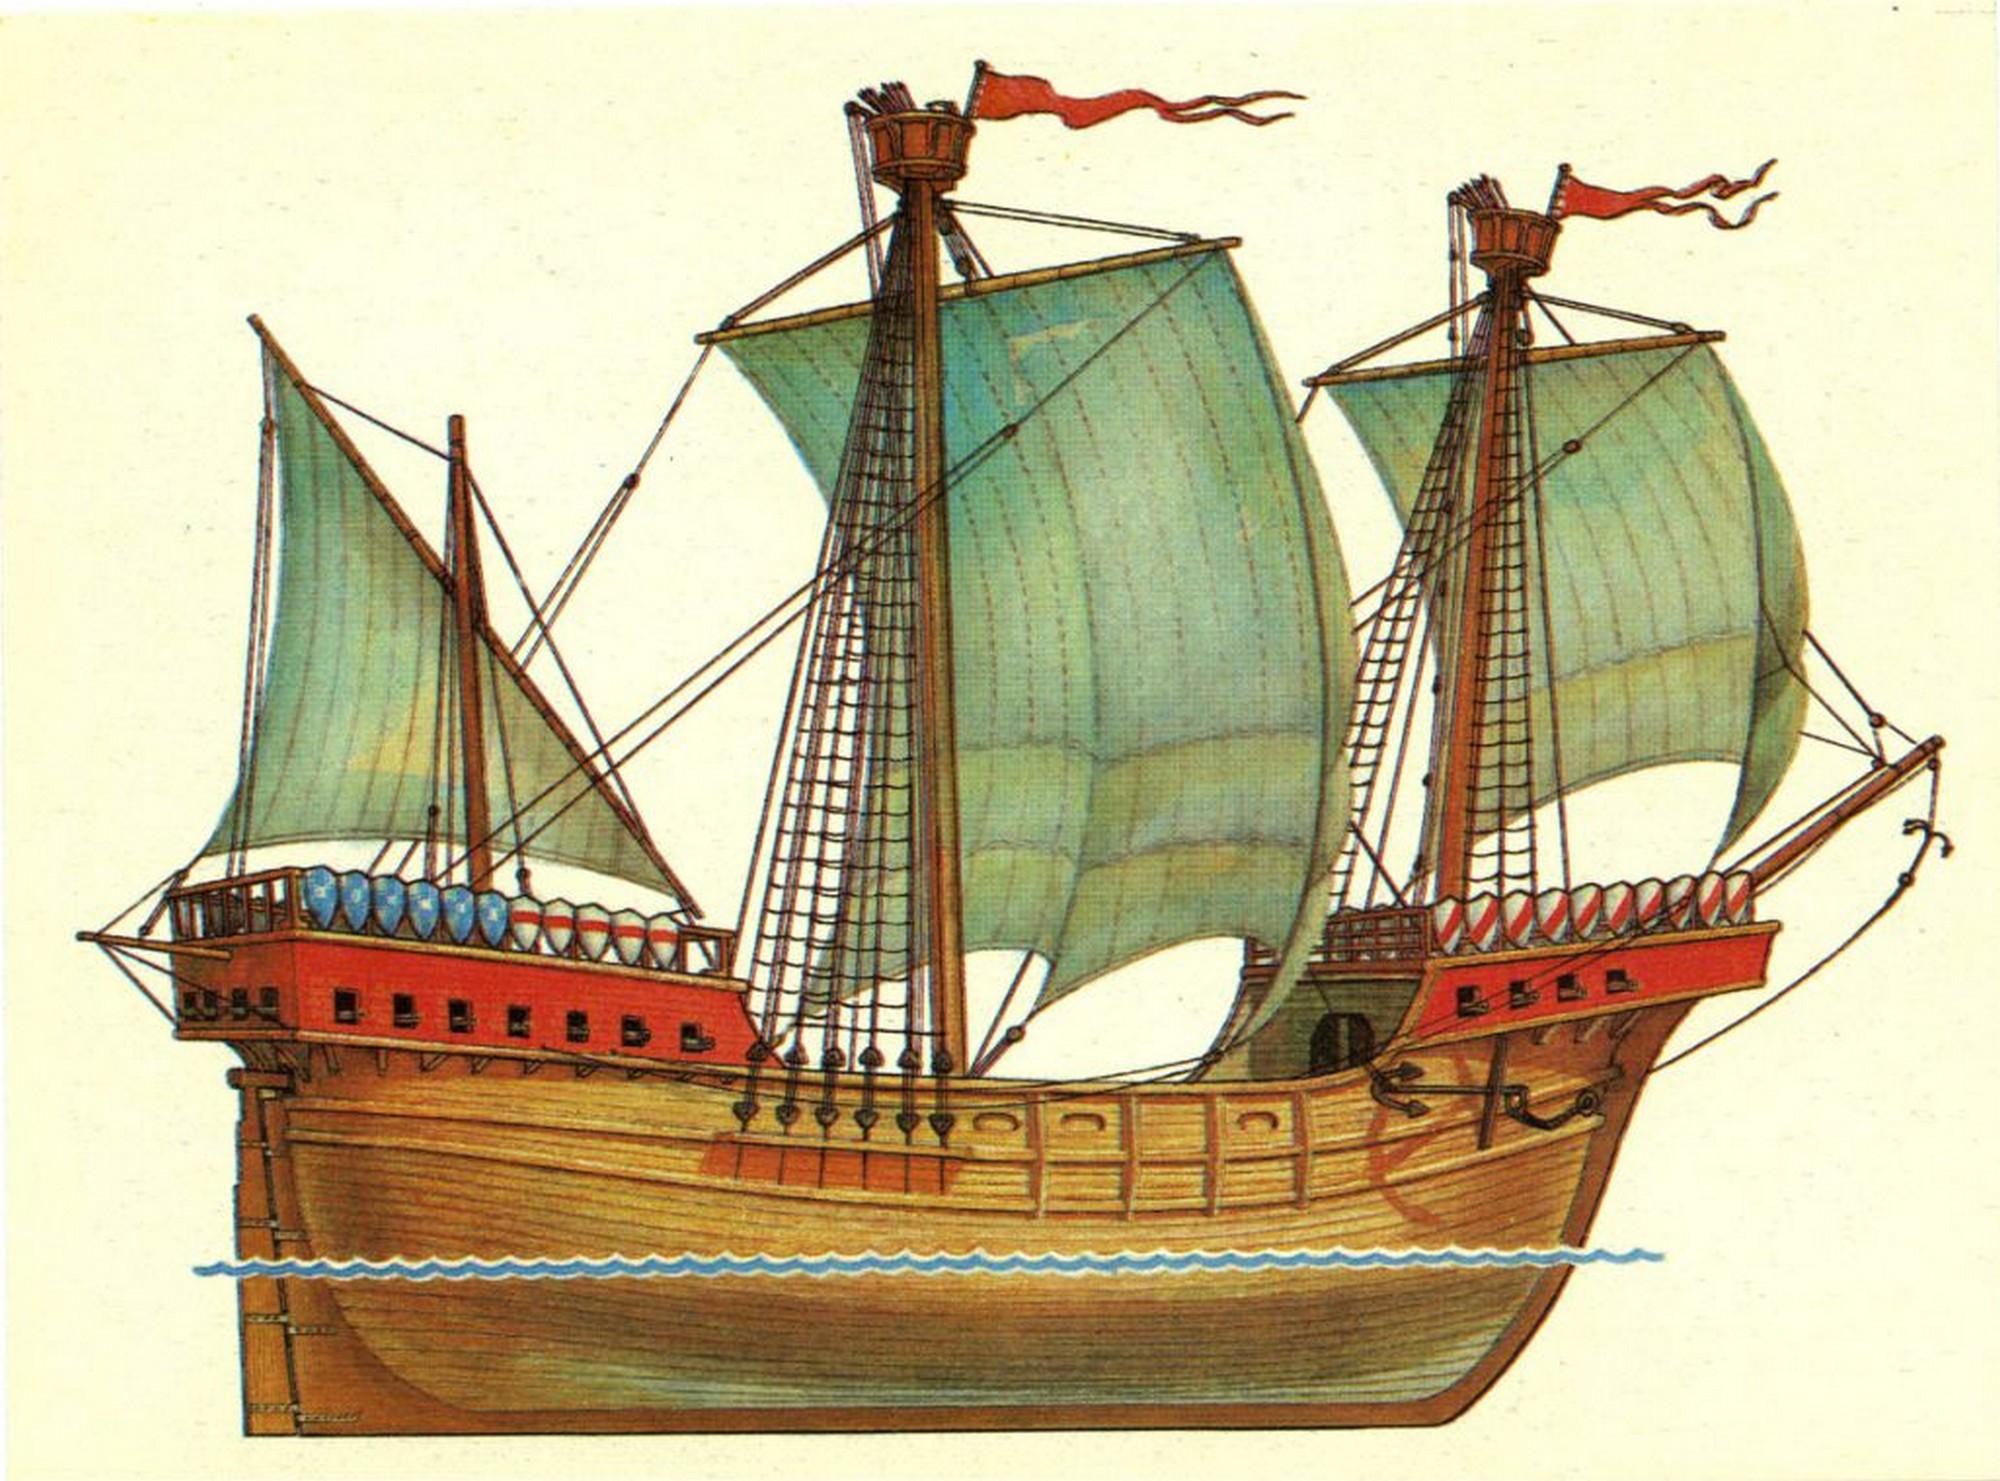 Пиратский корабль картинки черепашки бекшински никогда